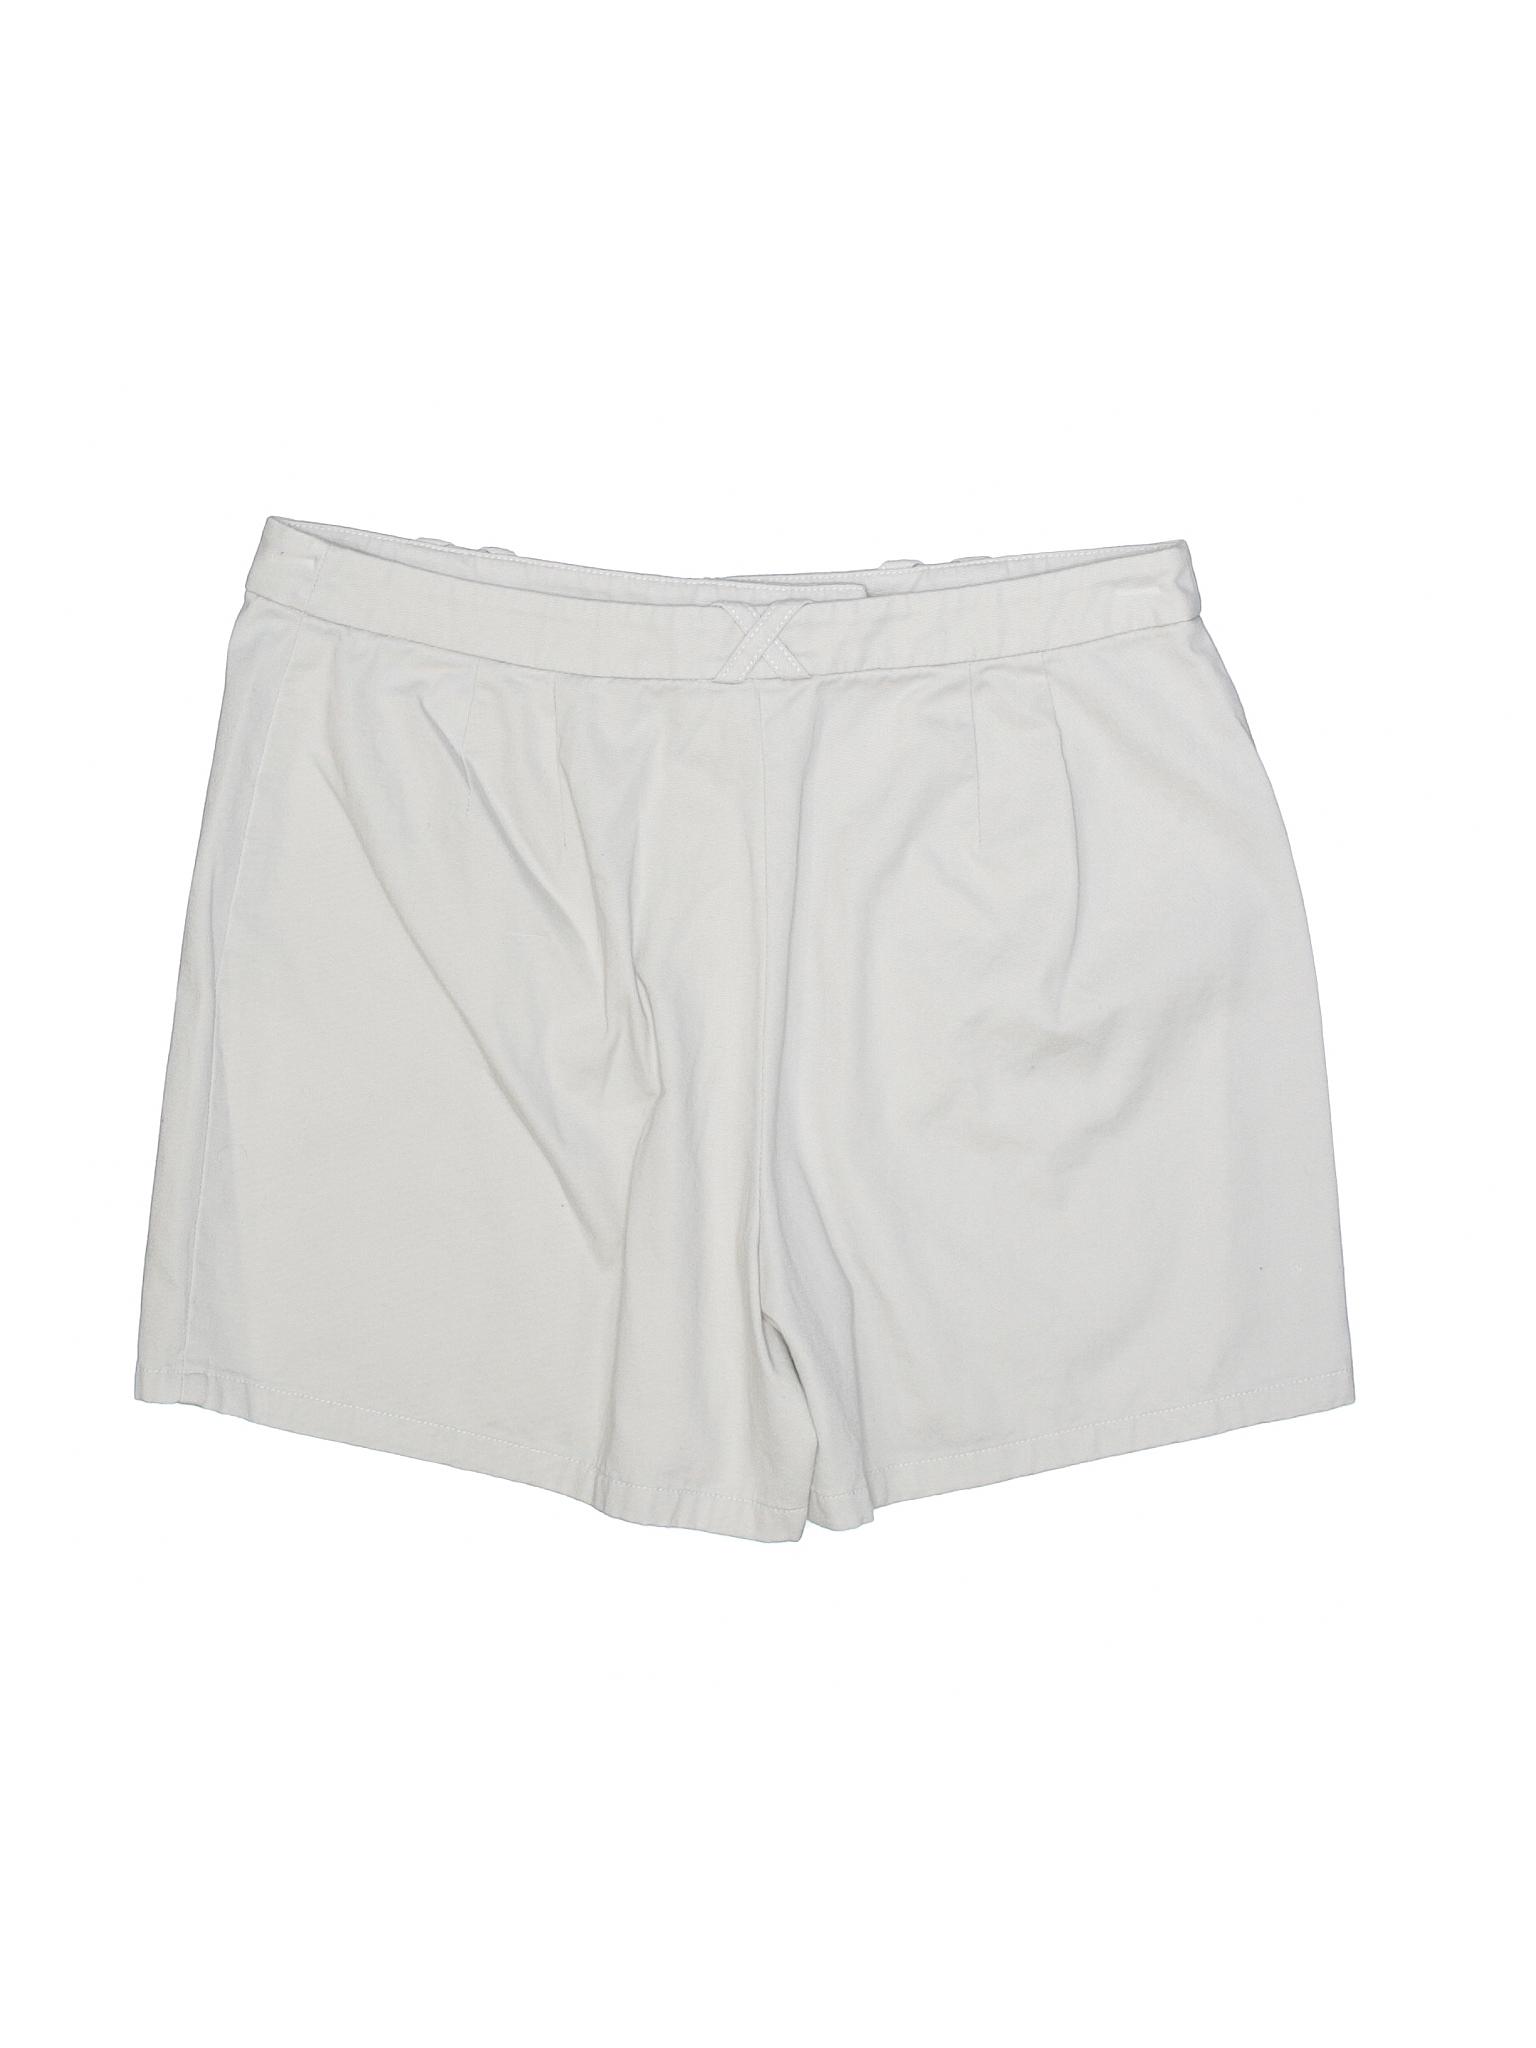 Taylor Ann Boutique LOFT Shorts Boutique Ann E0qwSt